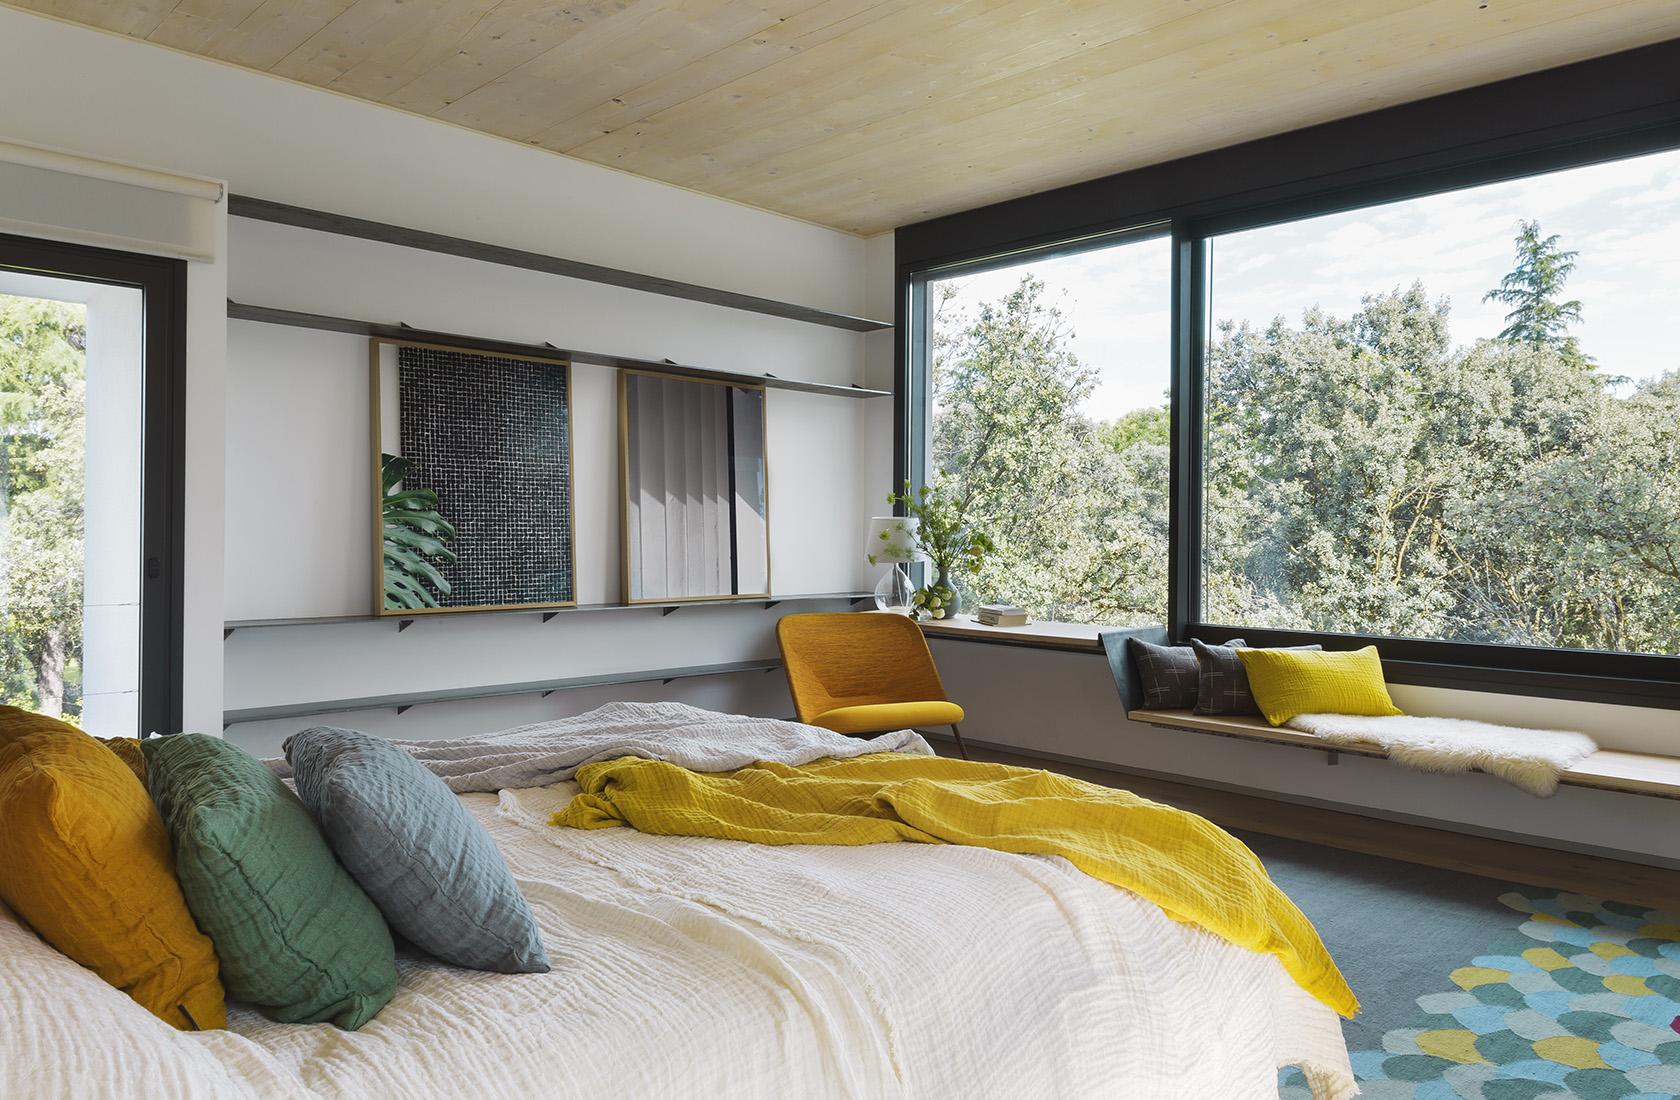 Dormitorio principal de Casa CH construida en madera